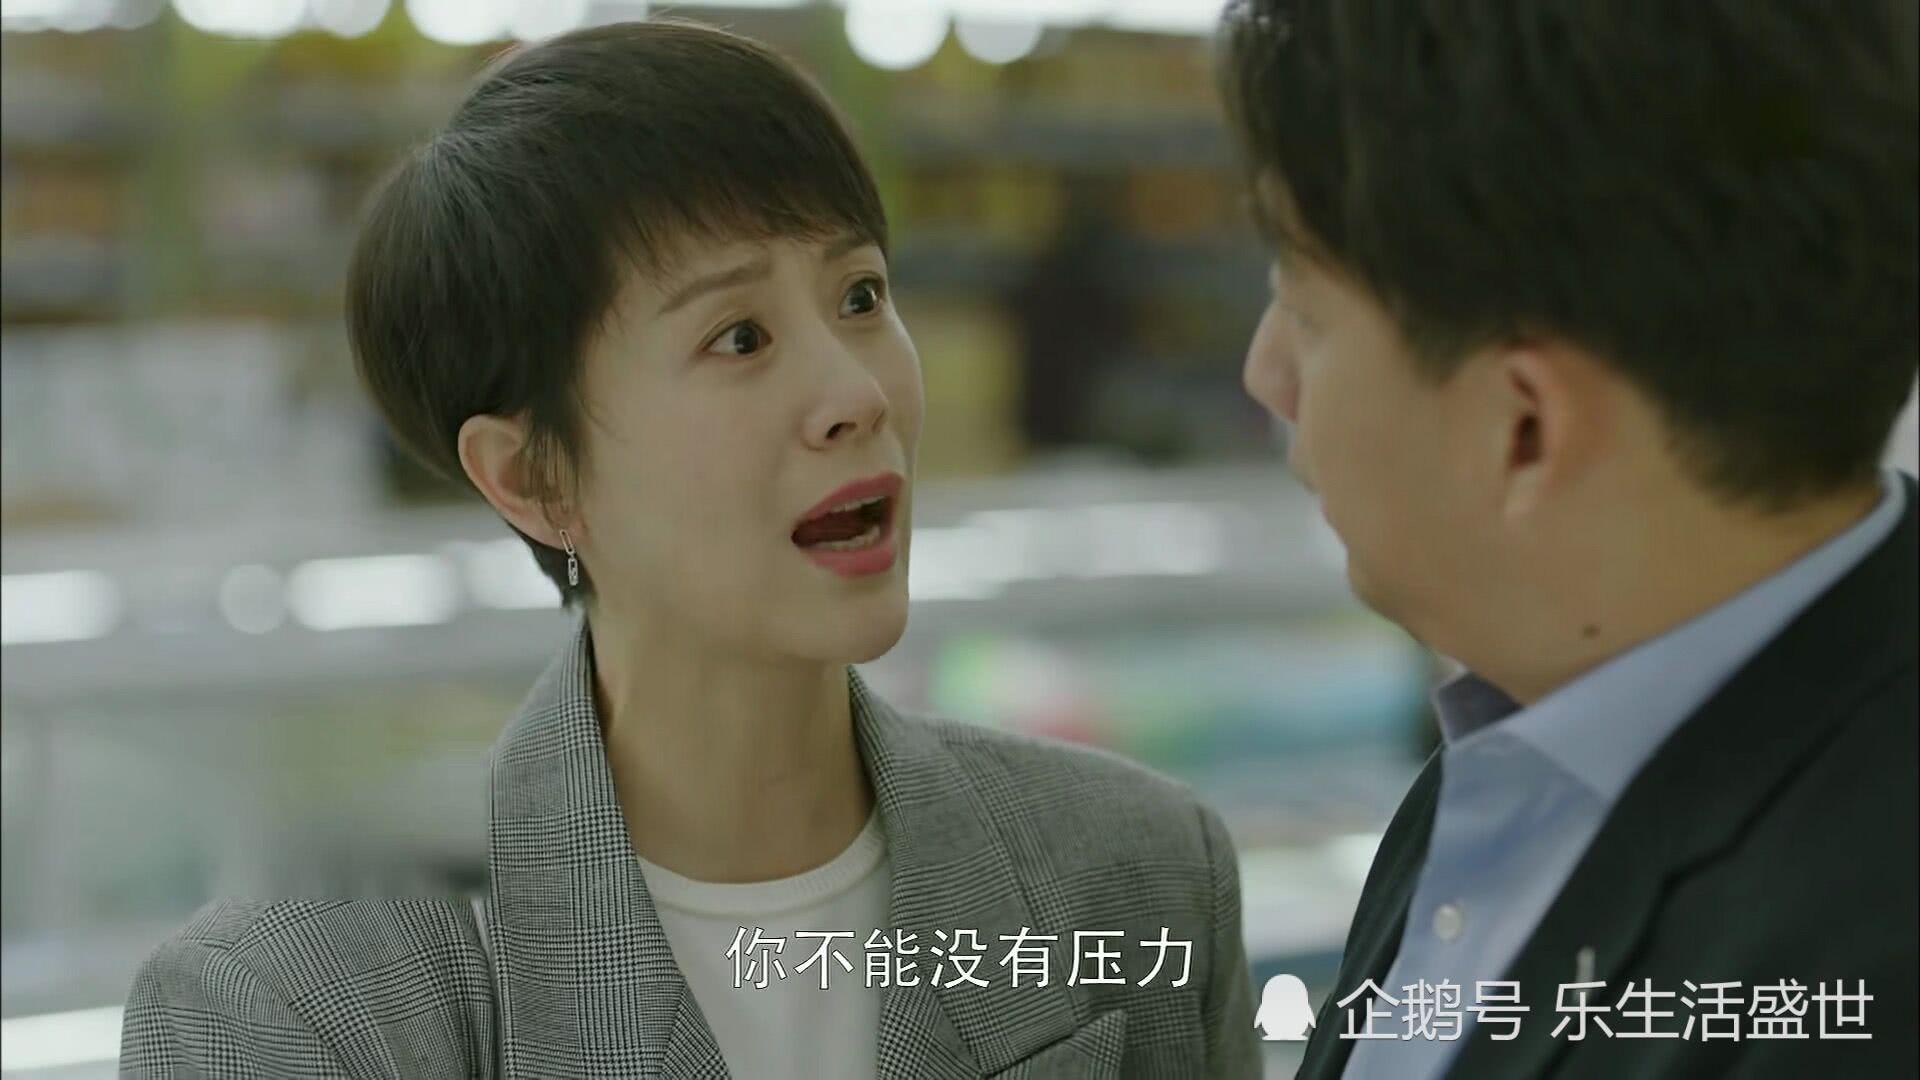 小欢喜:方圆失业,方一凡给林磊儿下药又被发现,夫妇二人崩溃了